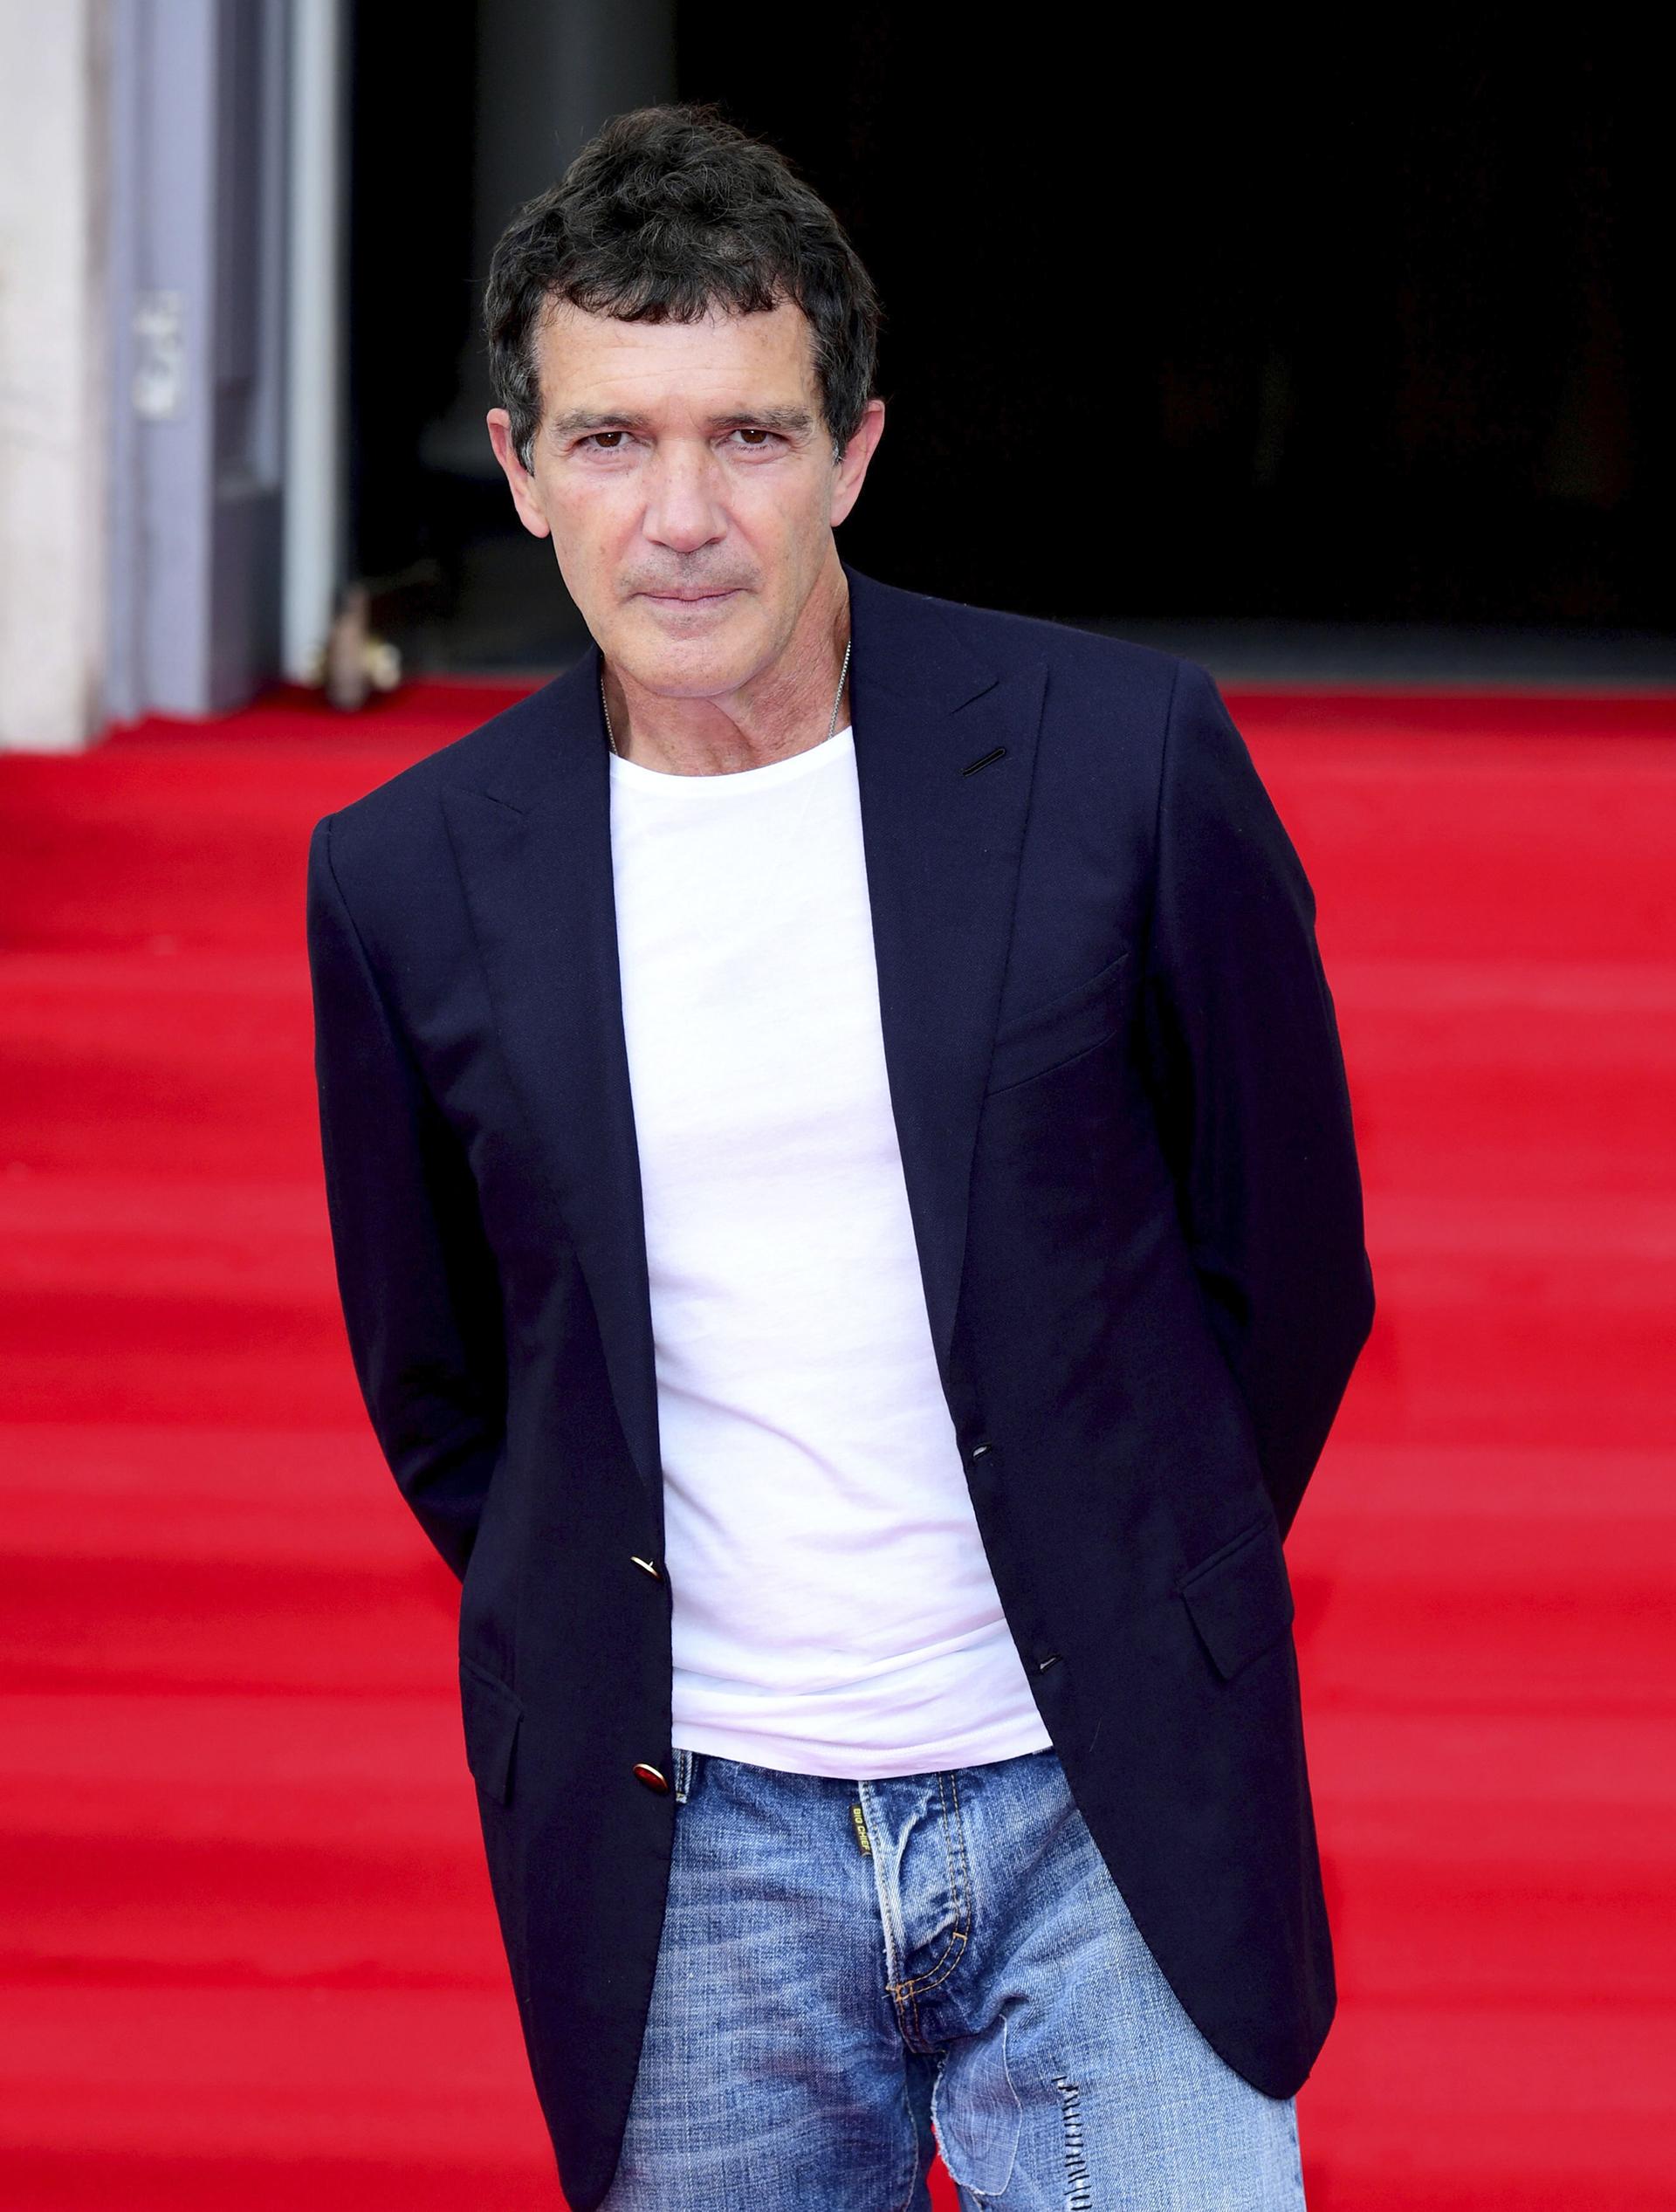 Antonio Banderas, otro de los protagonistas de la presentación, vistió un look casual